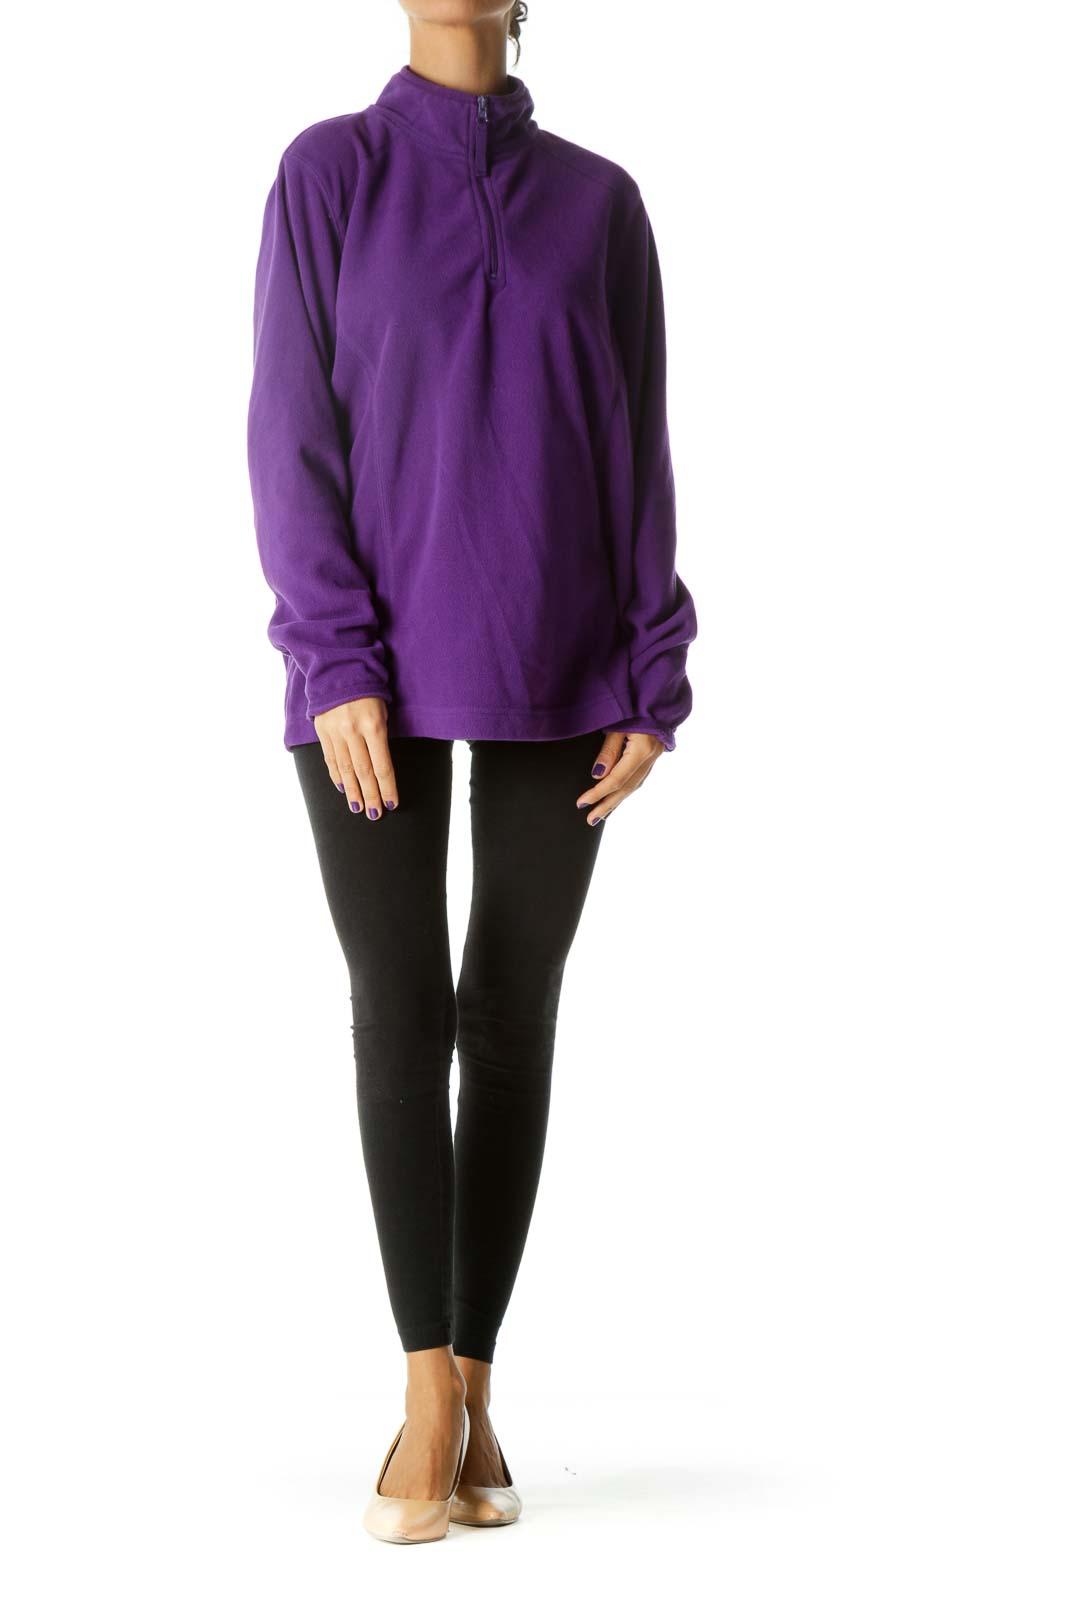 Purple Sports Pullover